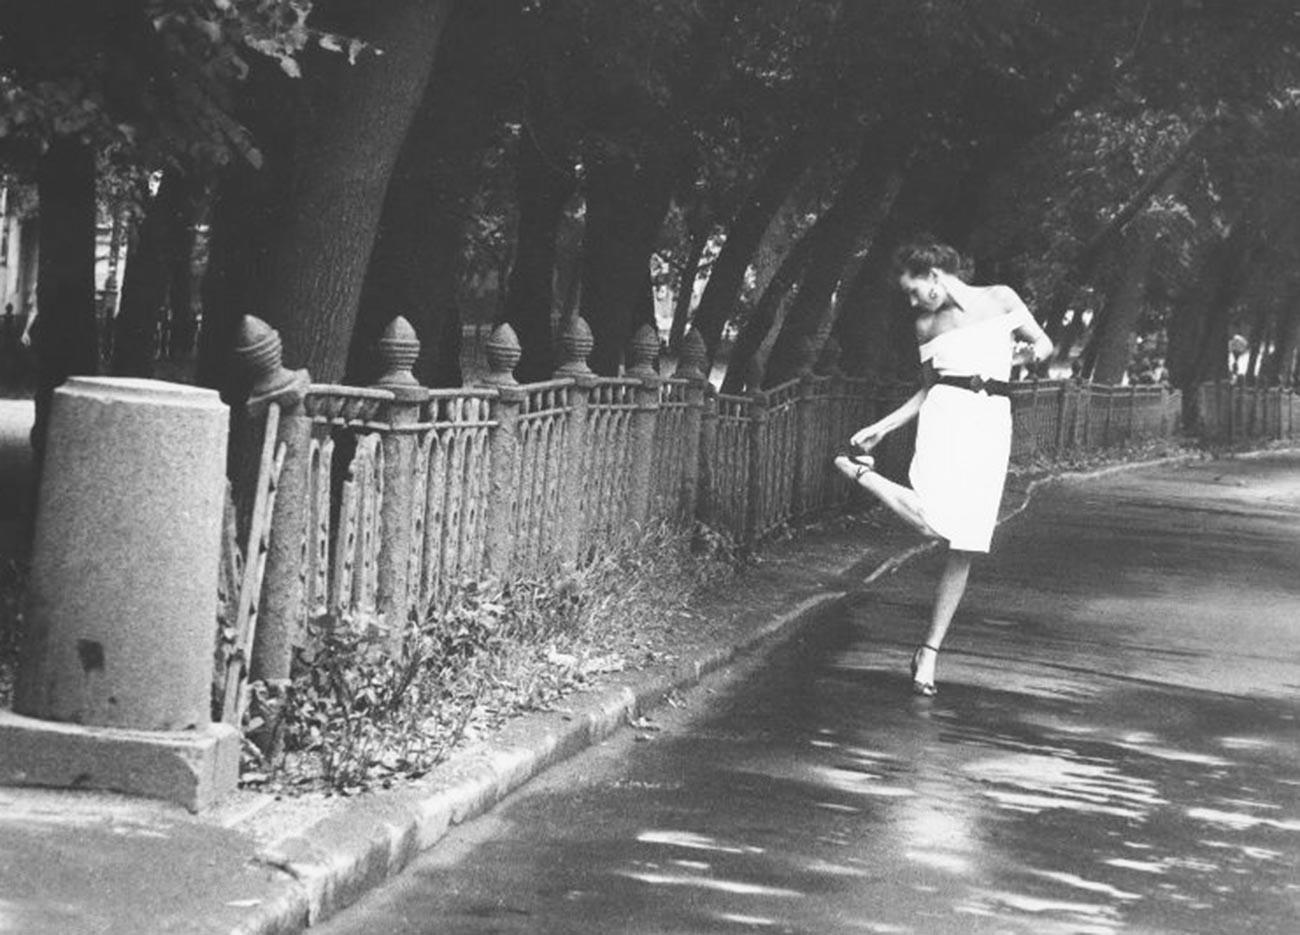 Boulevard Strastnoï, 1991